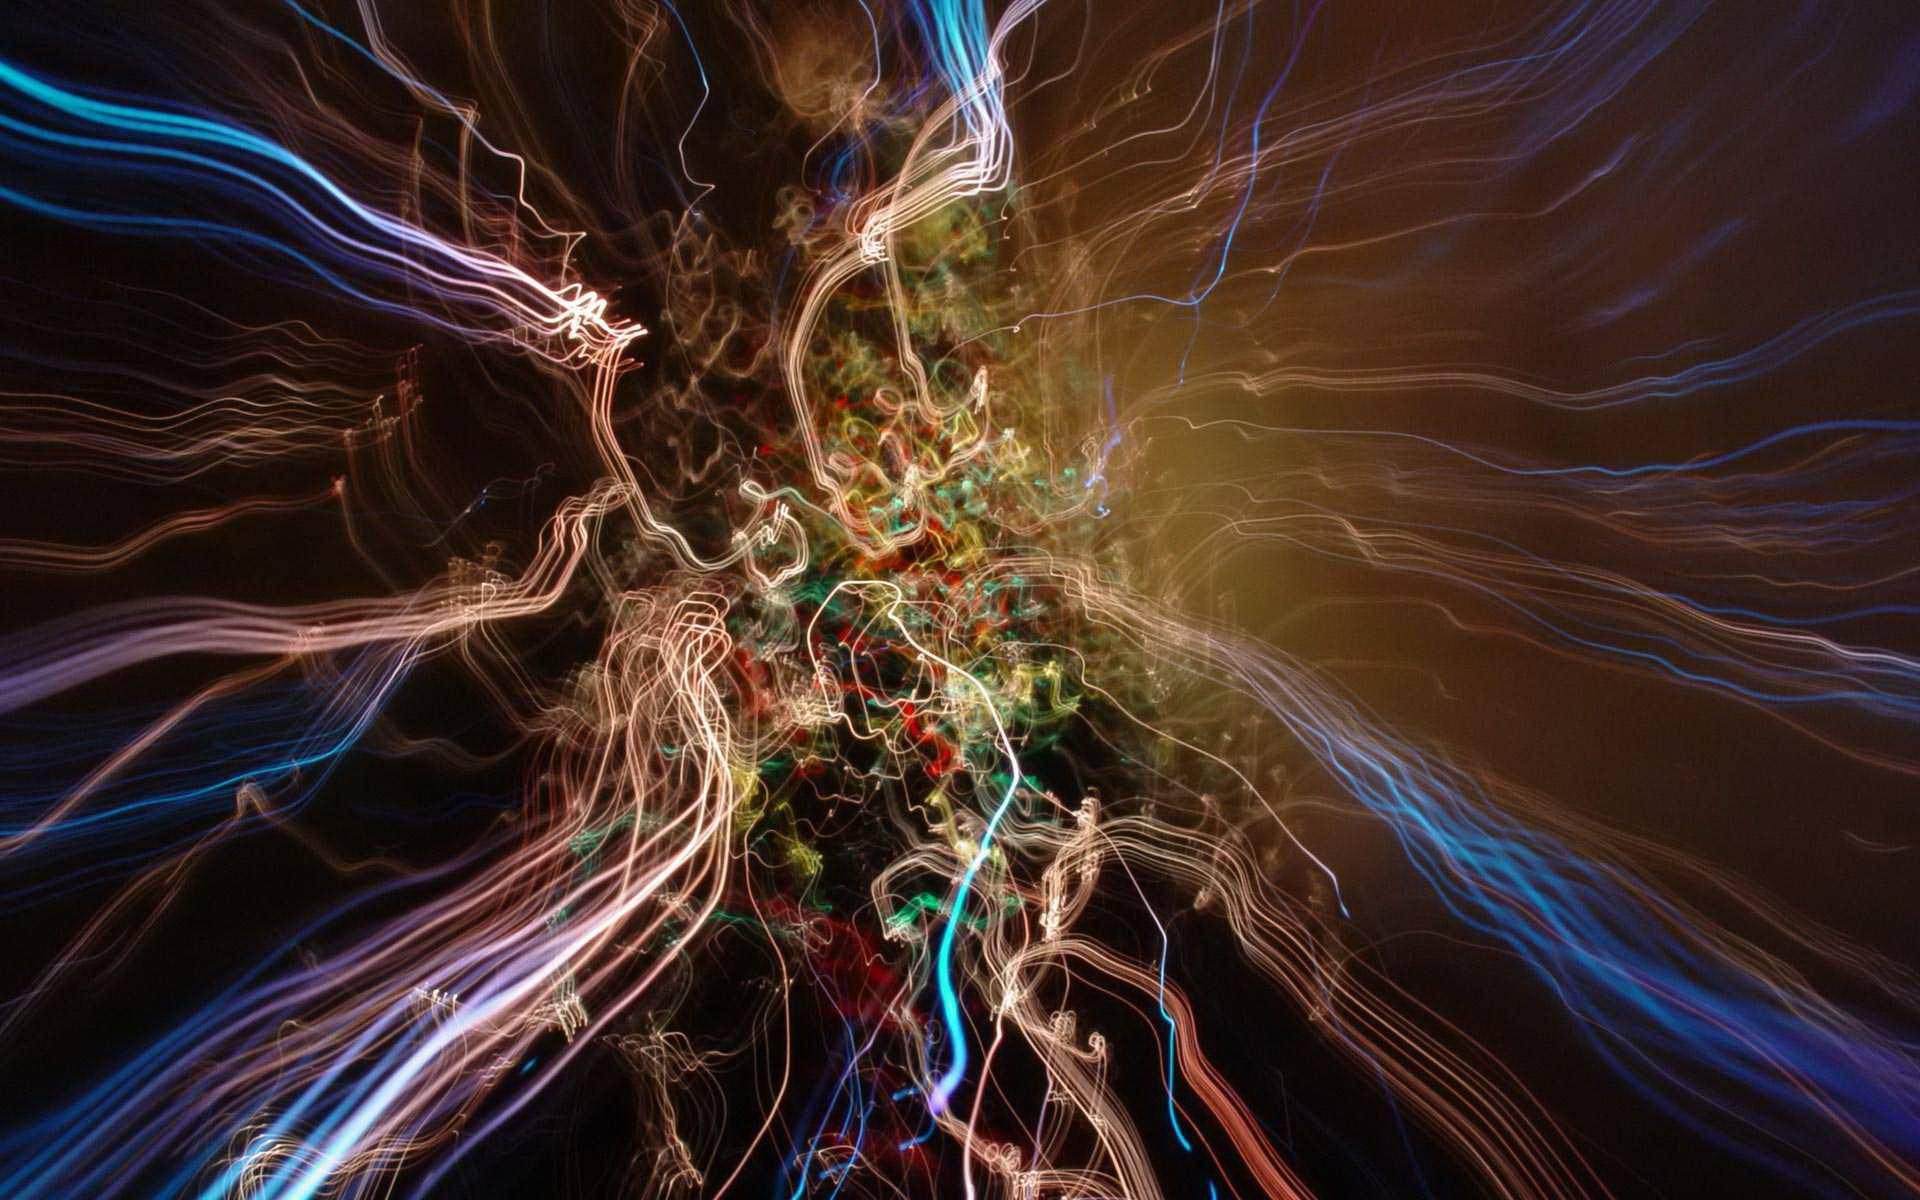 Desktop Wallpaper · Gallery · Computers · Dancing Fireflies | Free ...